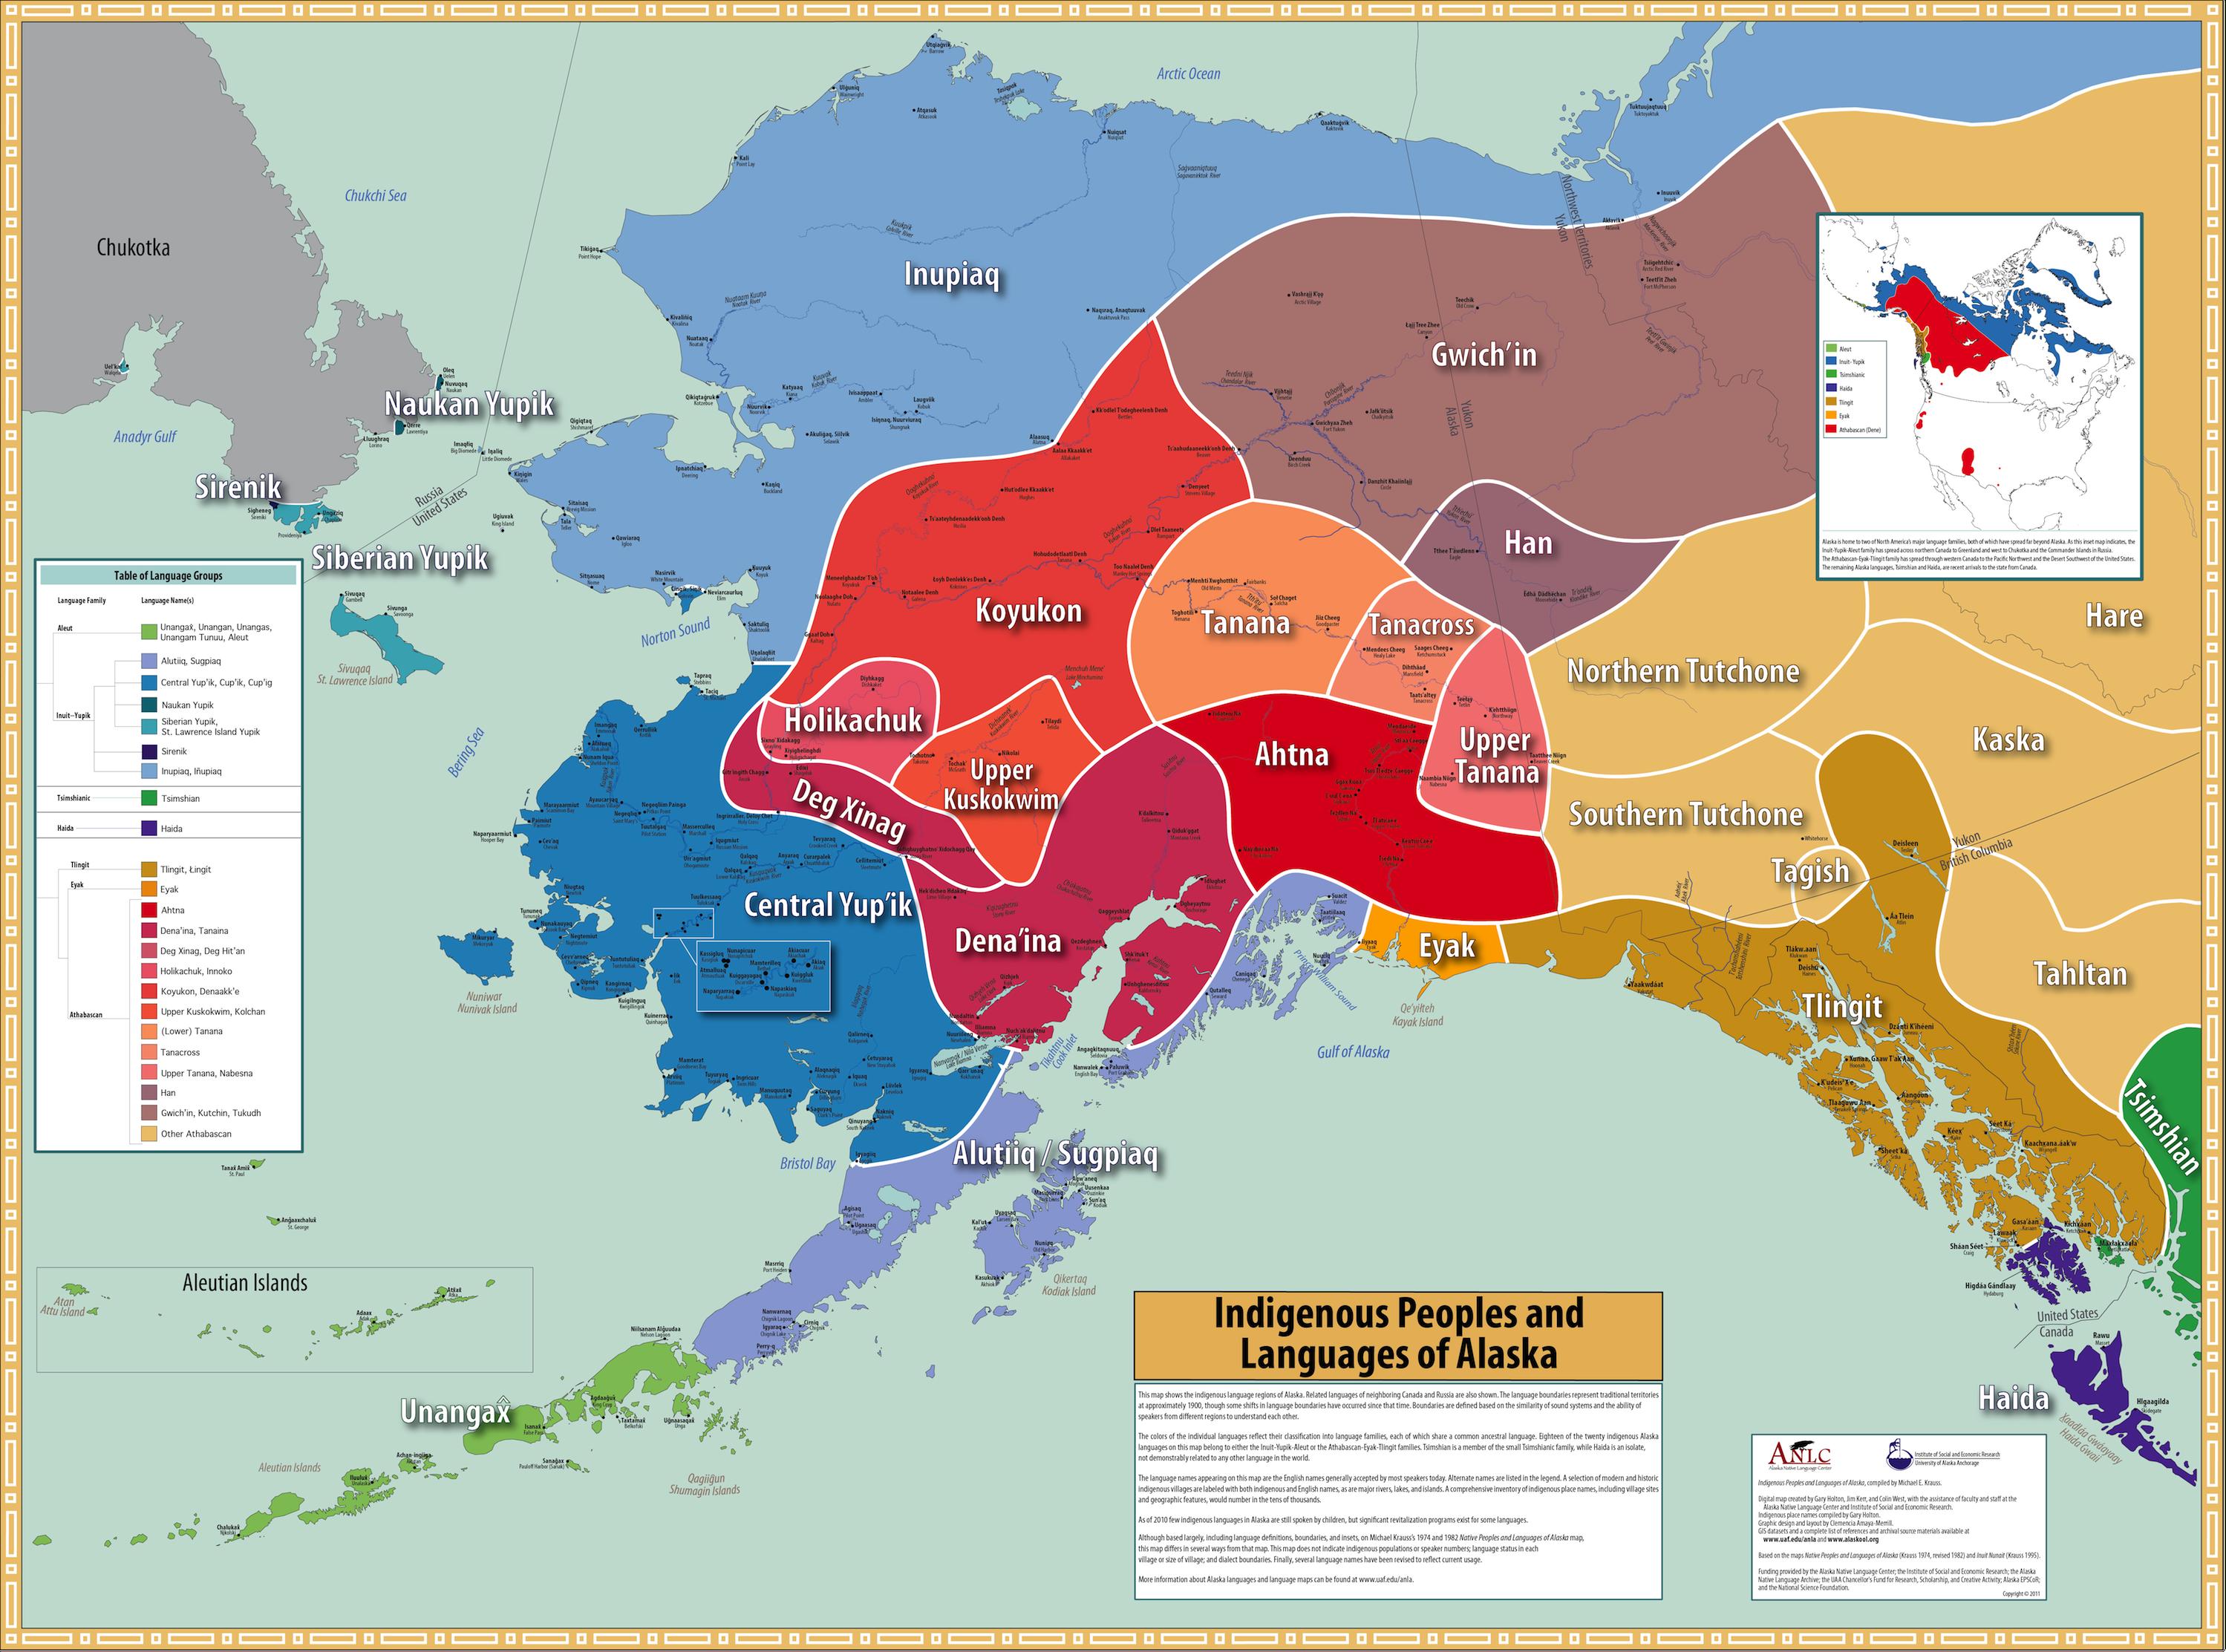 Alaska Native Languages map